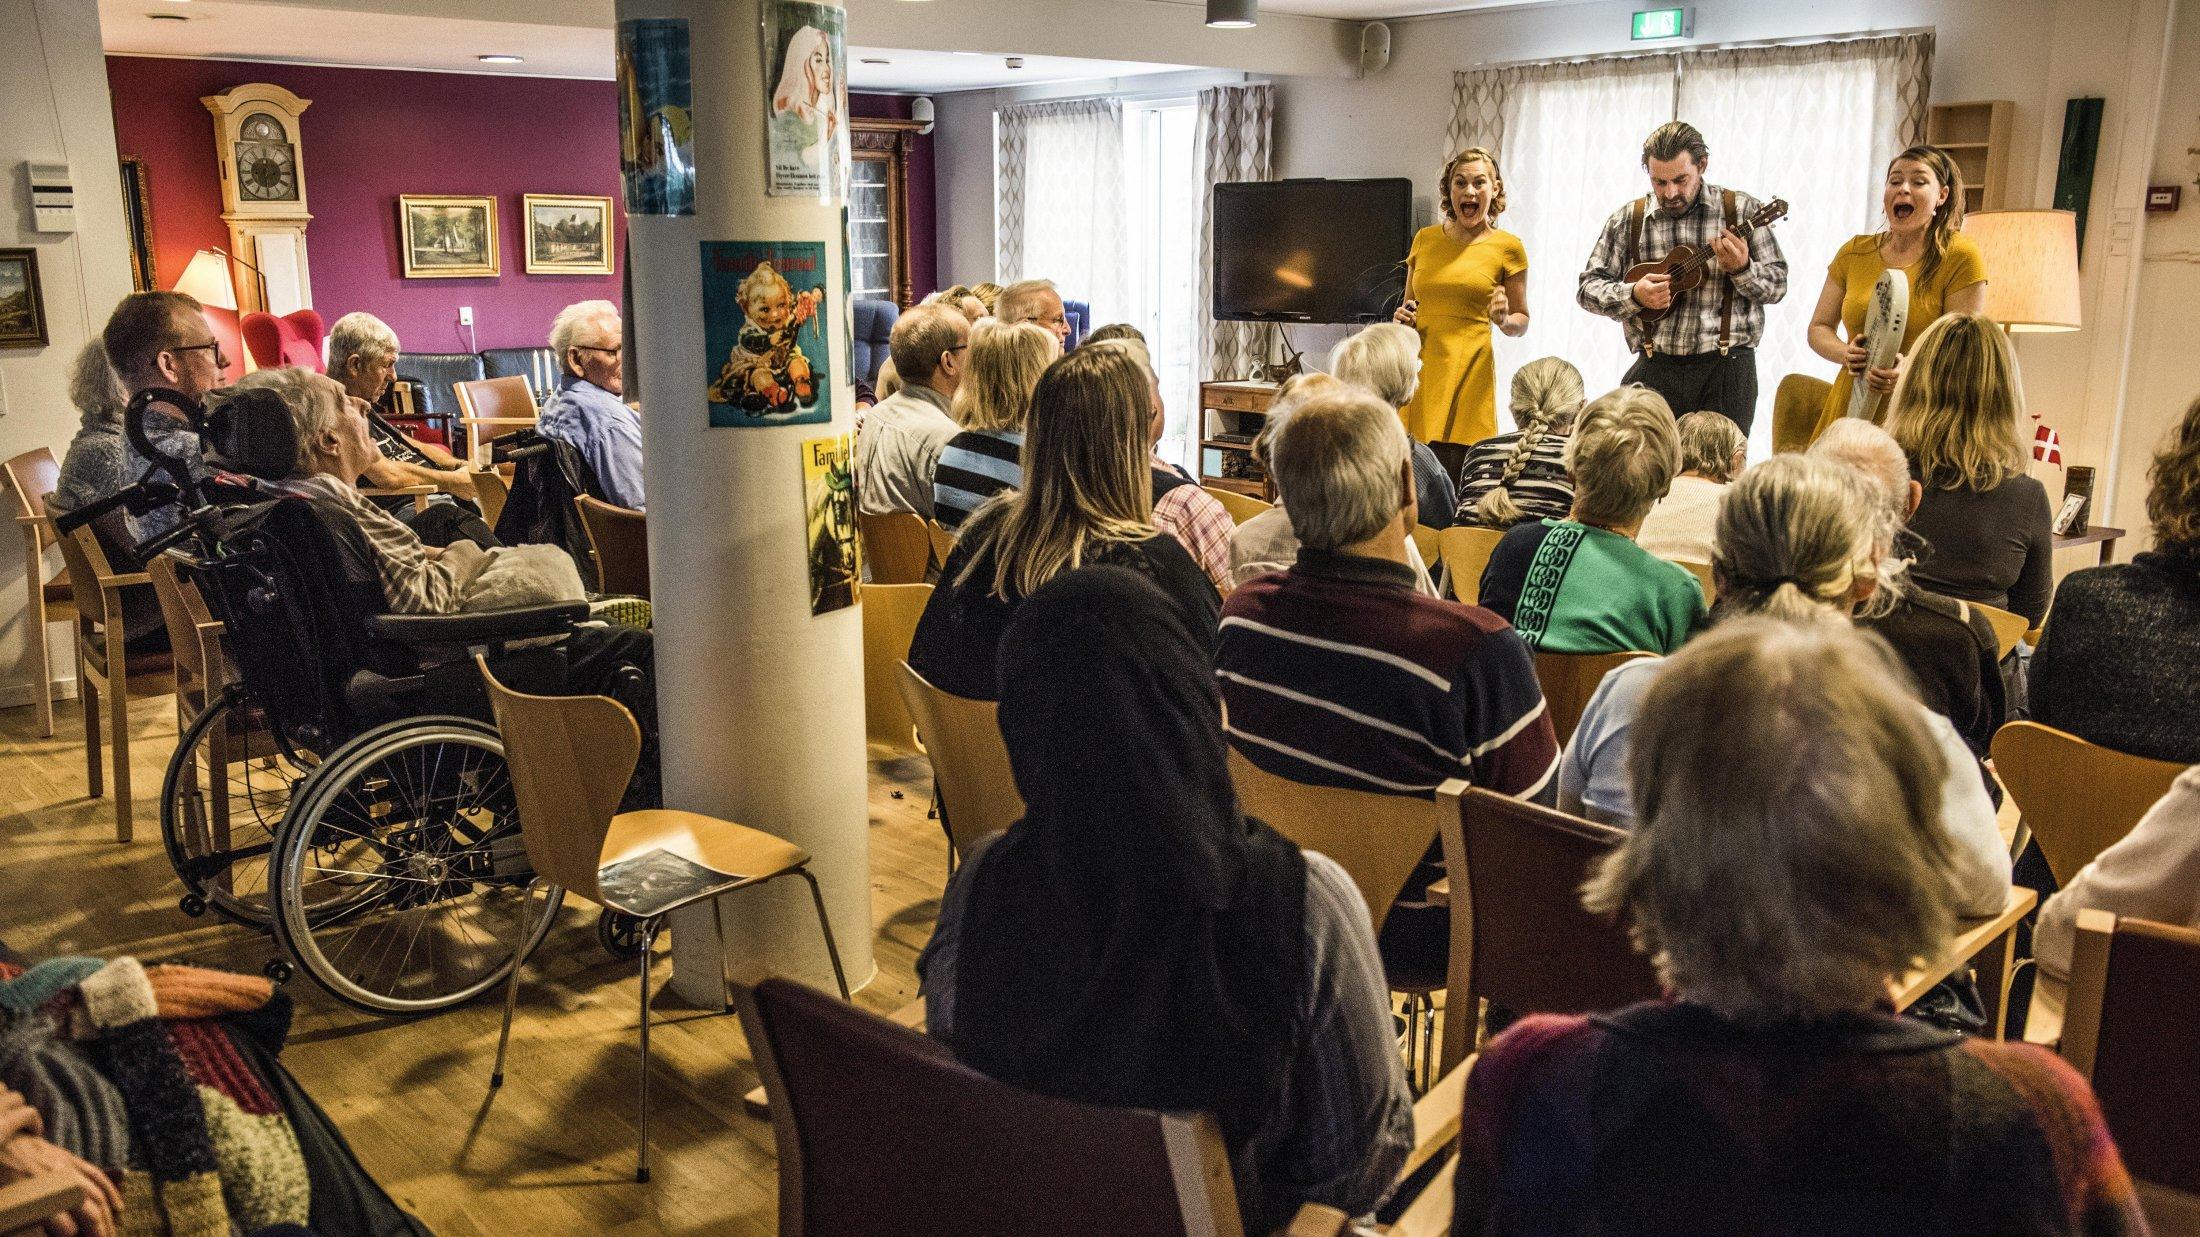 Teatergrad opfordrer publikum til at deltage i debatten om fremtidens scenekunst